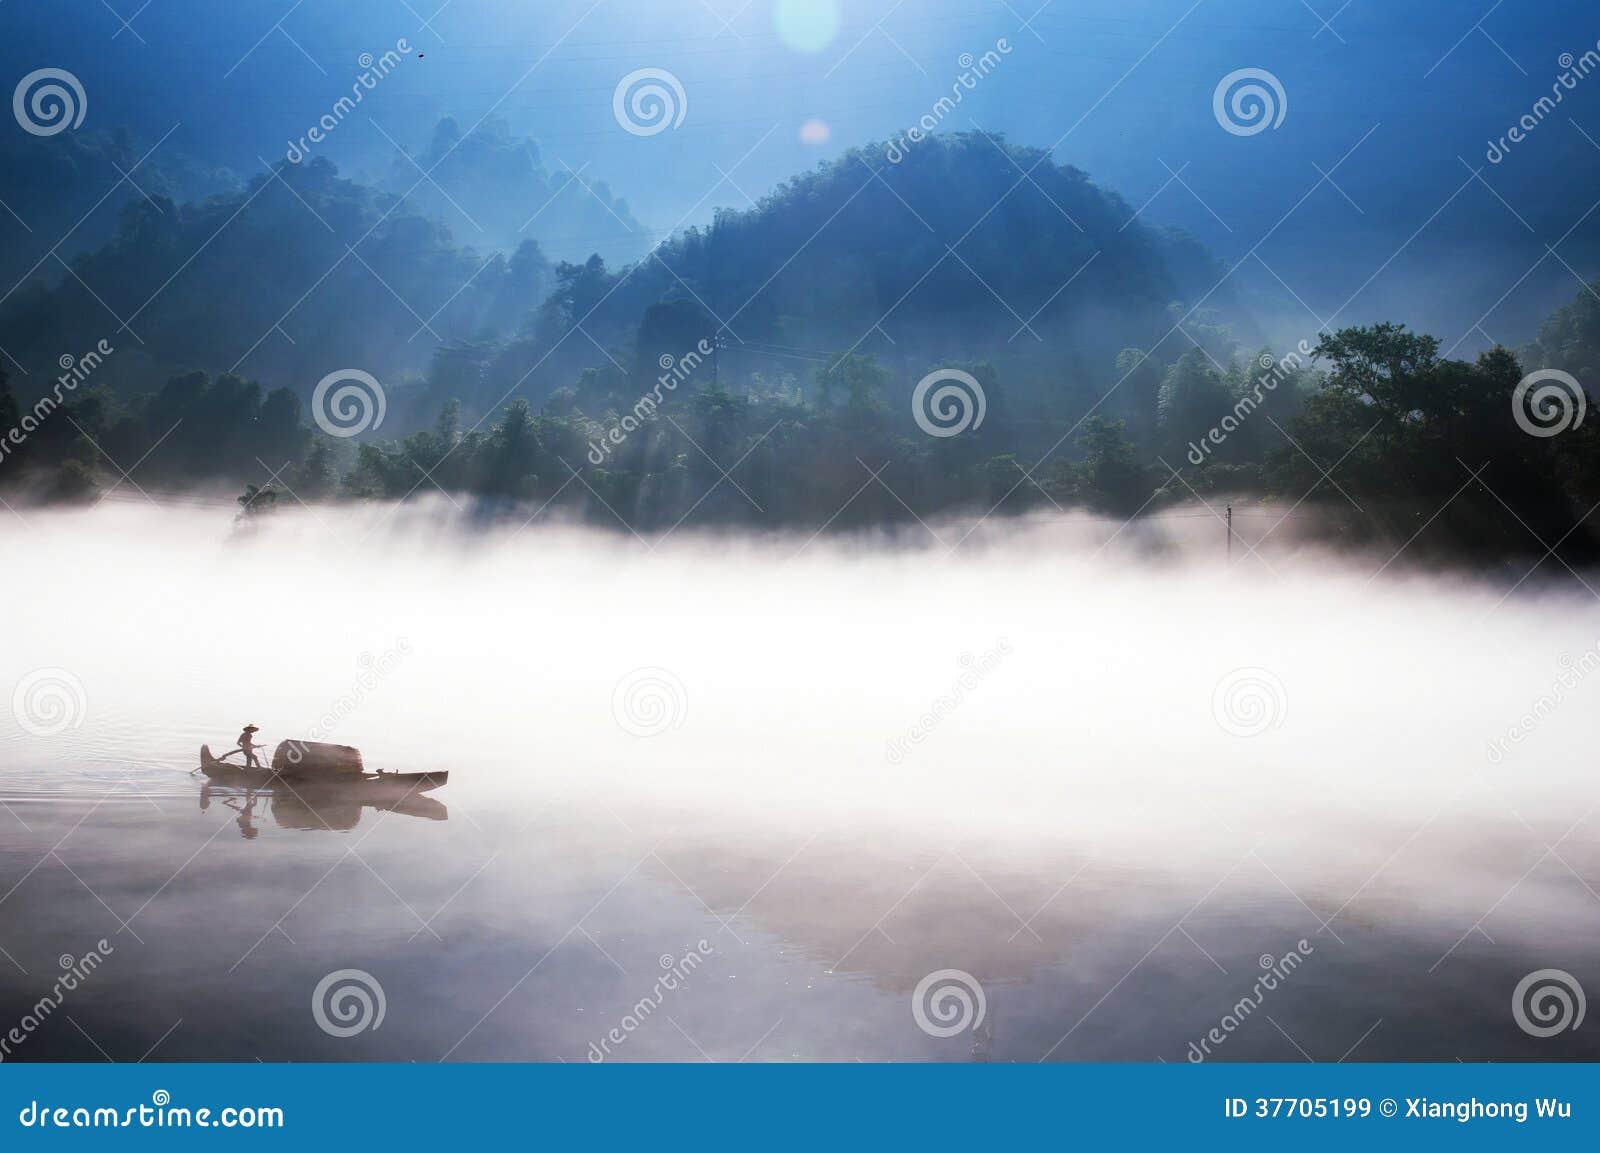 Fishing on the Dongjiang Lake